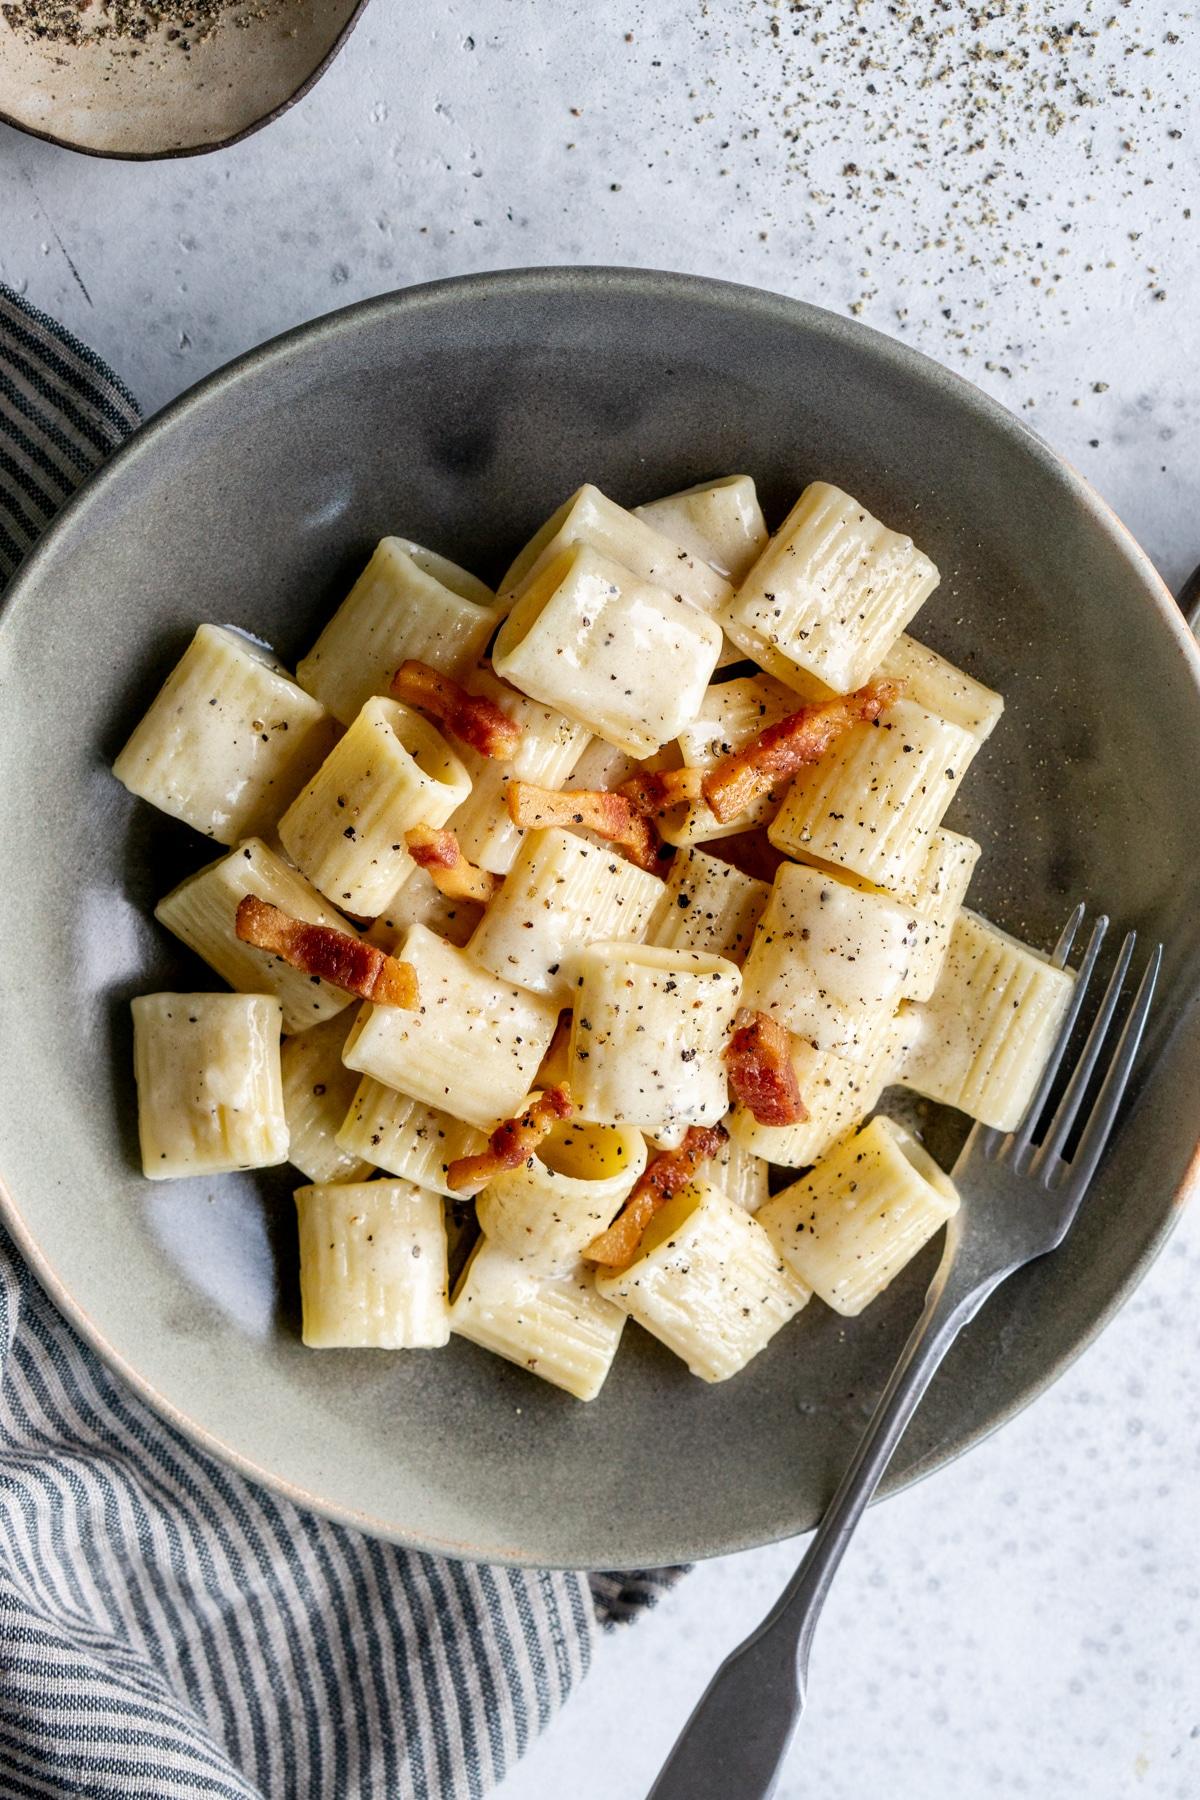 Pasta alla gricia in a gray bowl on a napkin